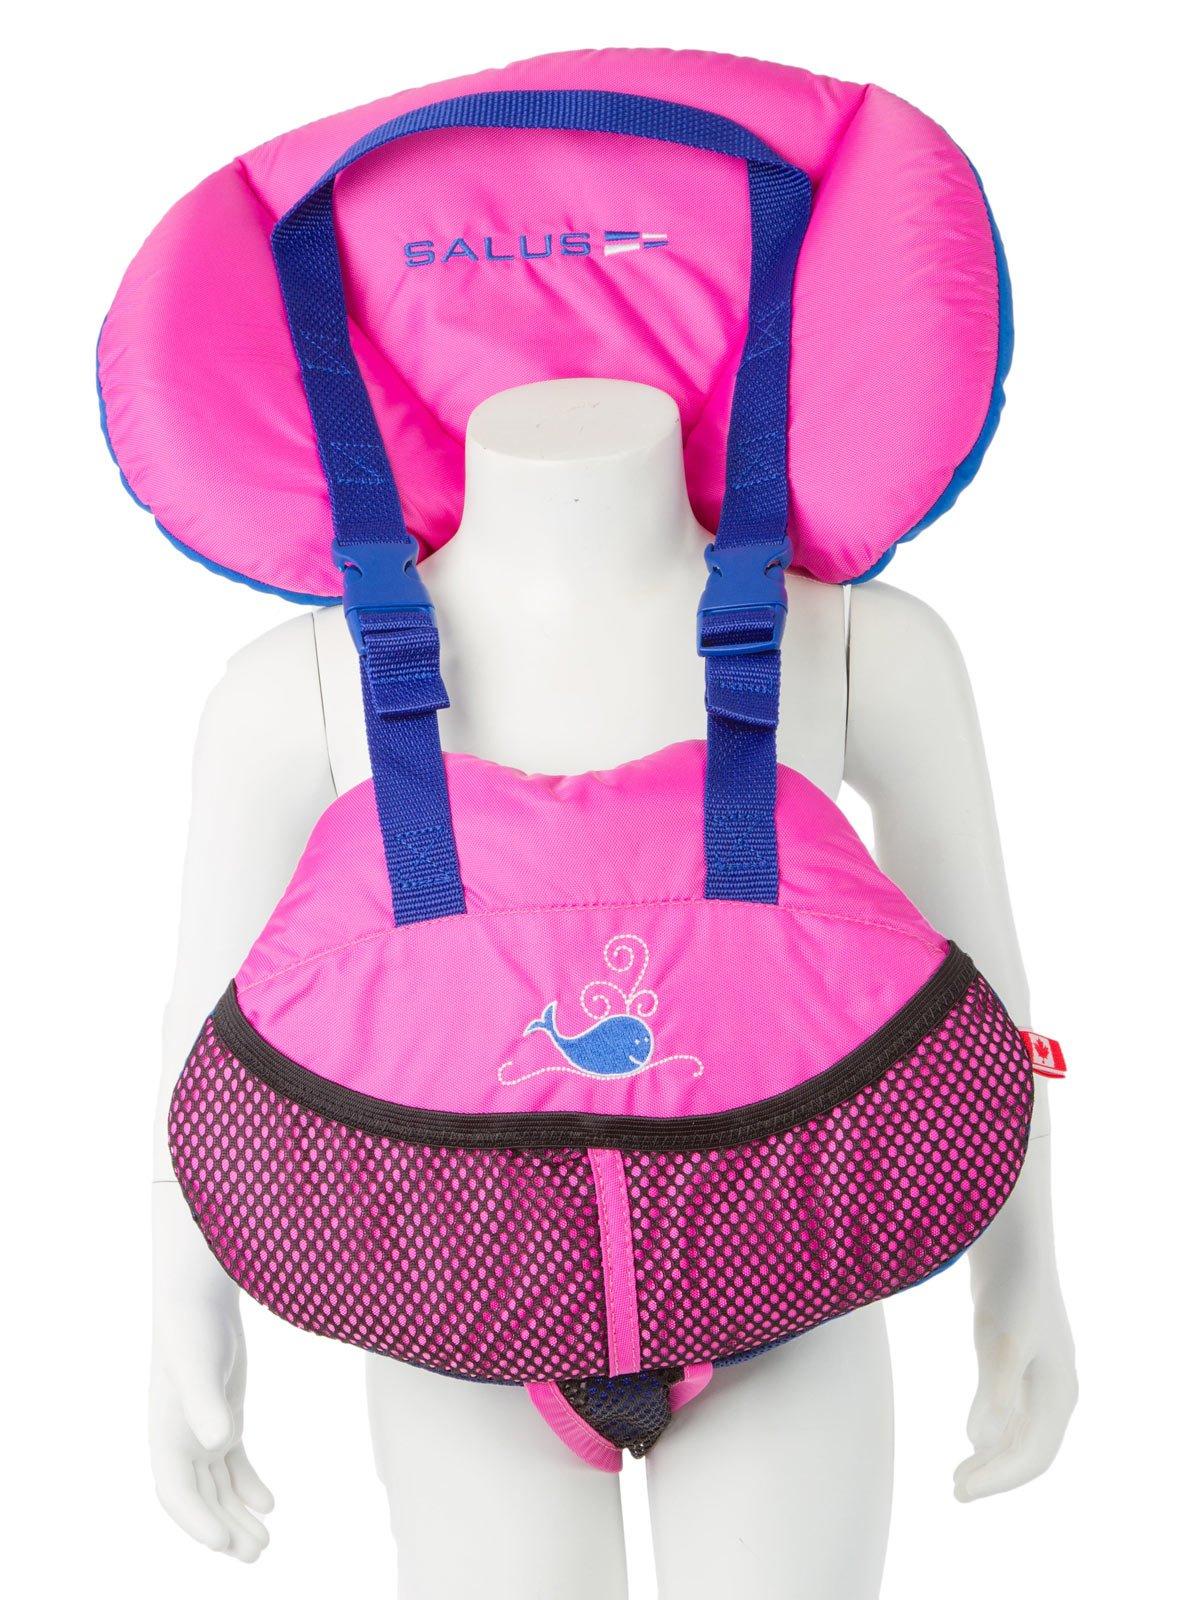 Salus Bijoux Baby Vest - Pink by Salus (Image #4)